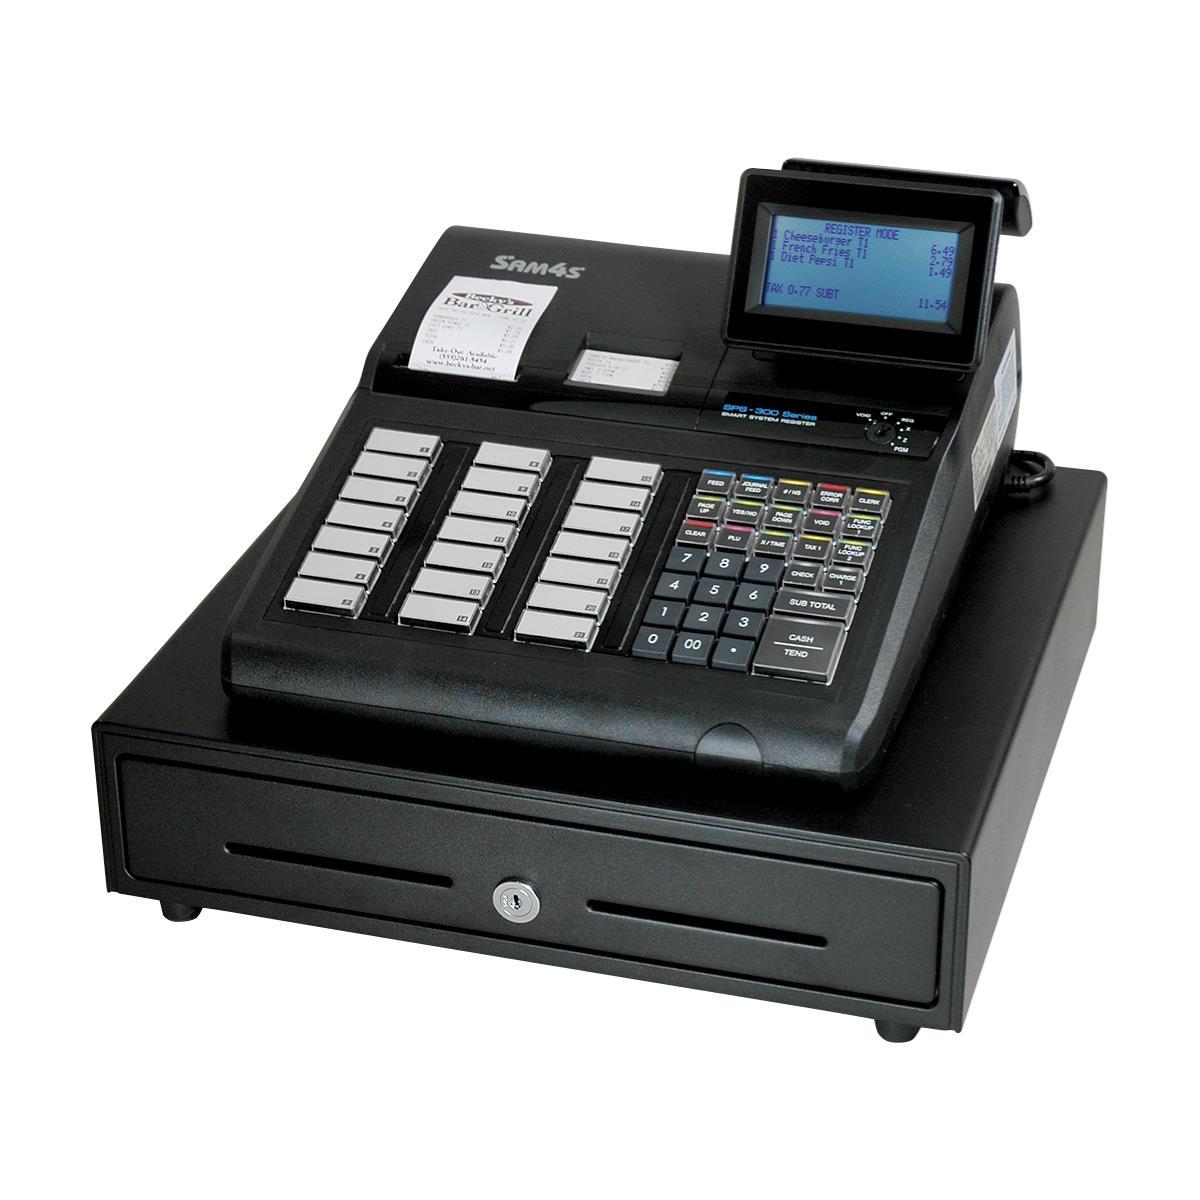 Sam4S SPS-345 Electronic Cash Register